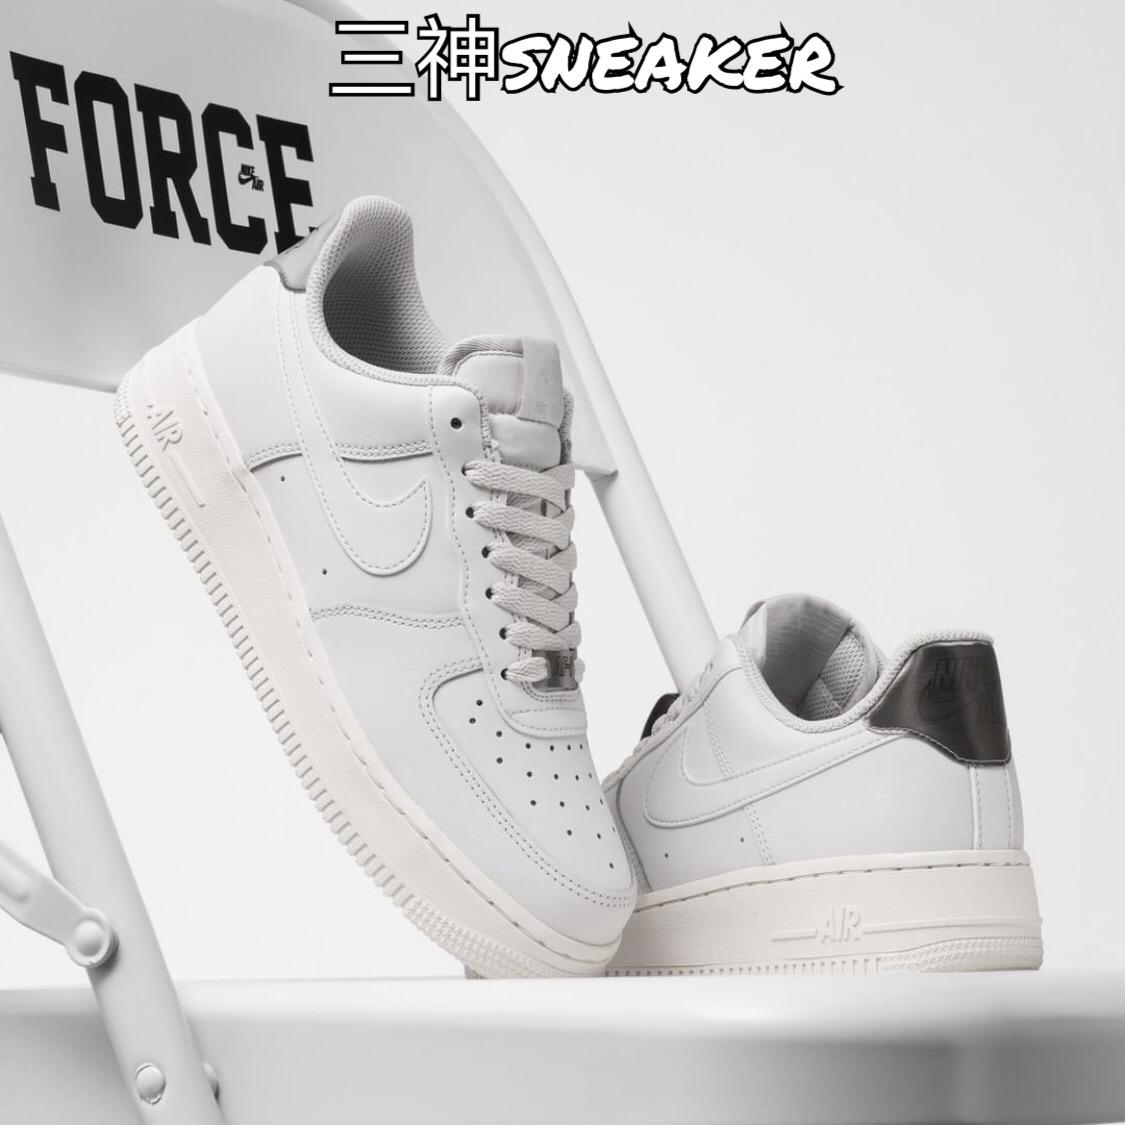 Nike Air Force 1 AF1 空军一号白银镭射尾低帮板鞋女 AO2112月02日最新优惠